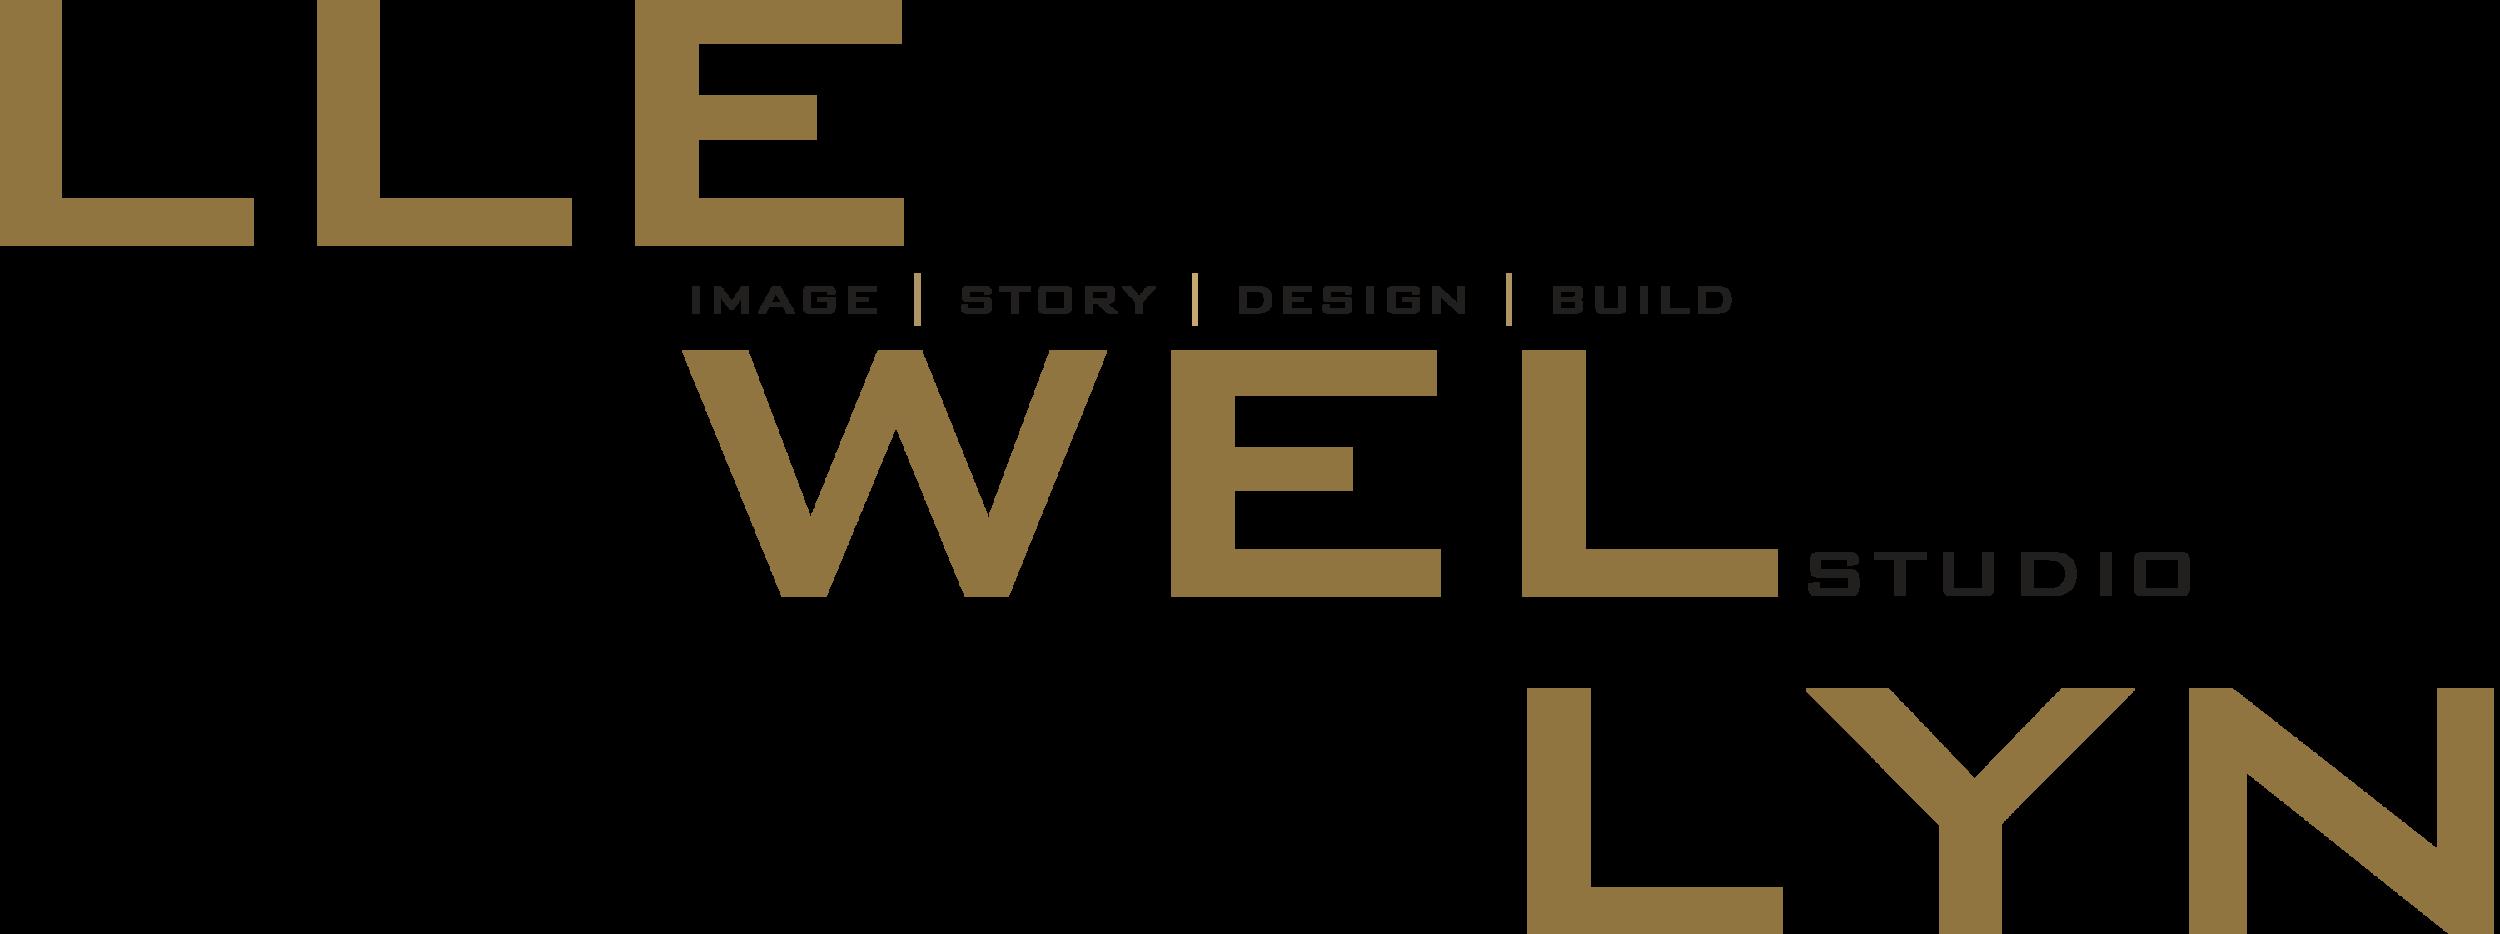 Llewellyn web logo.png